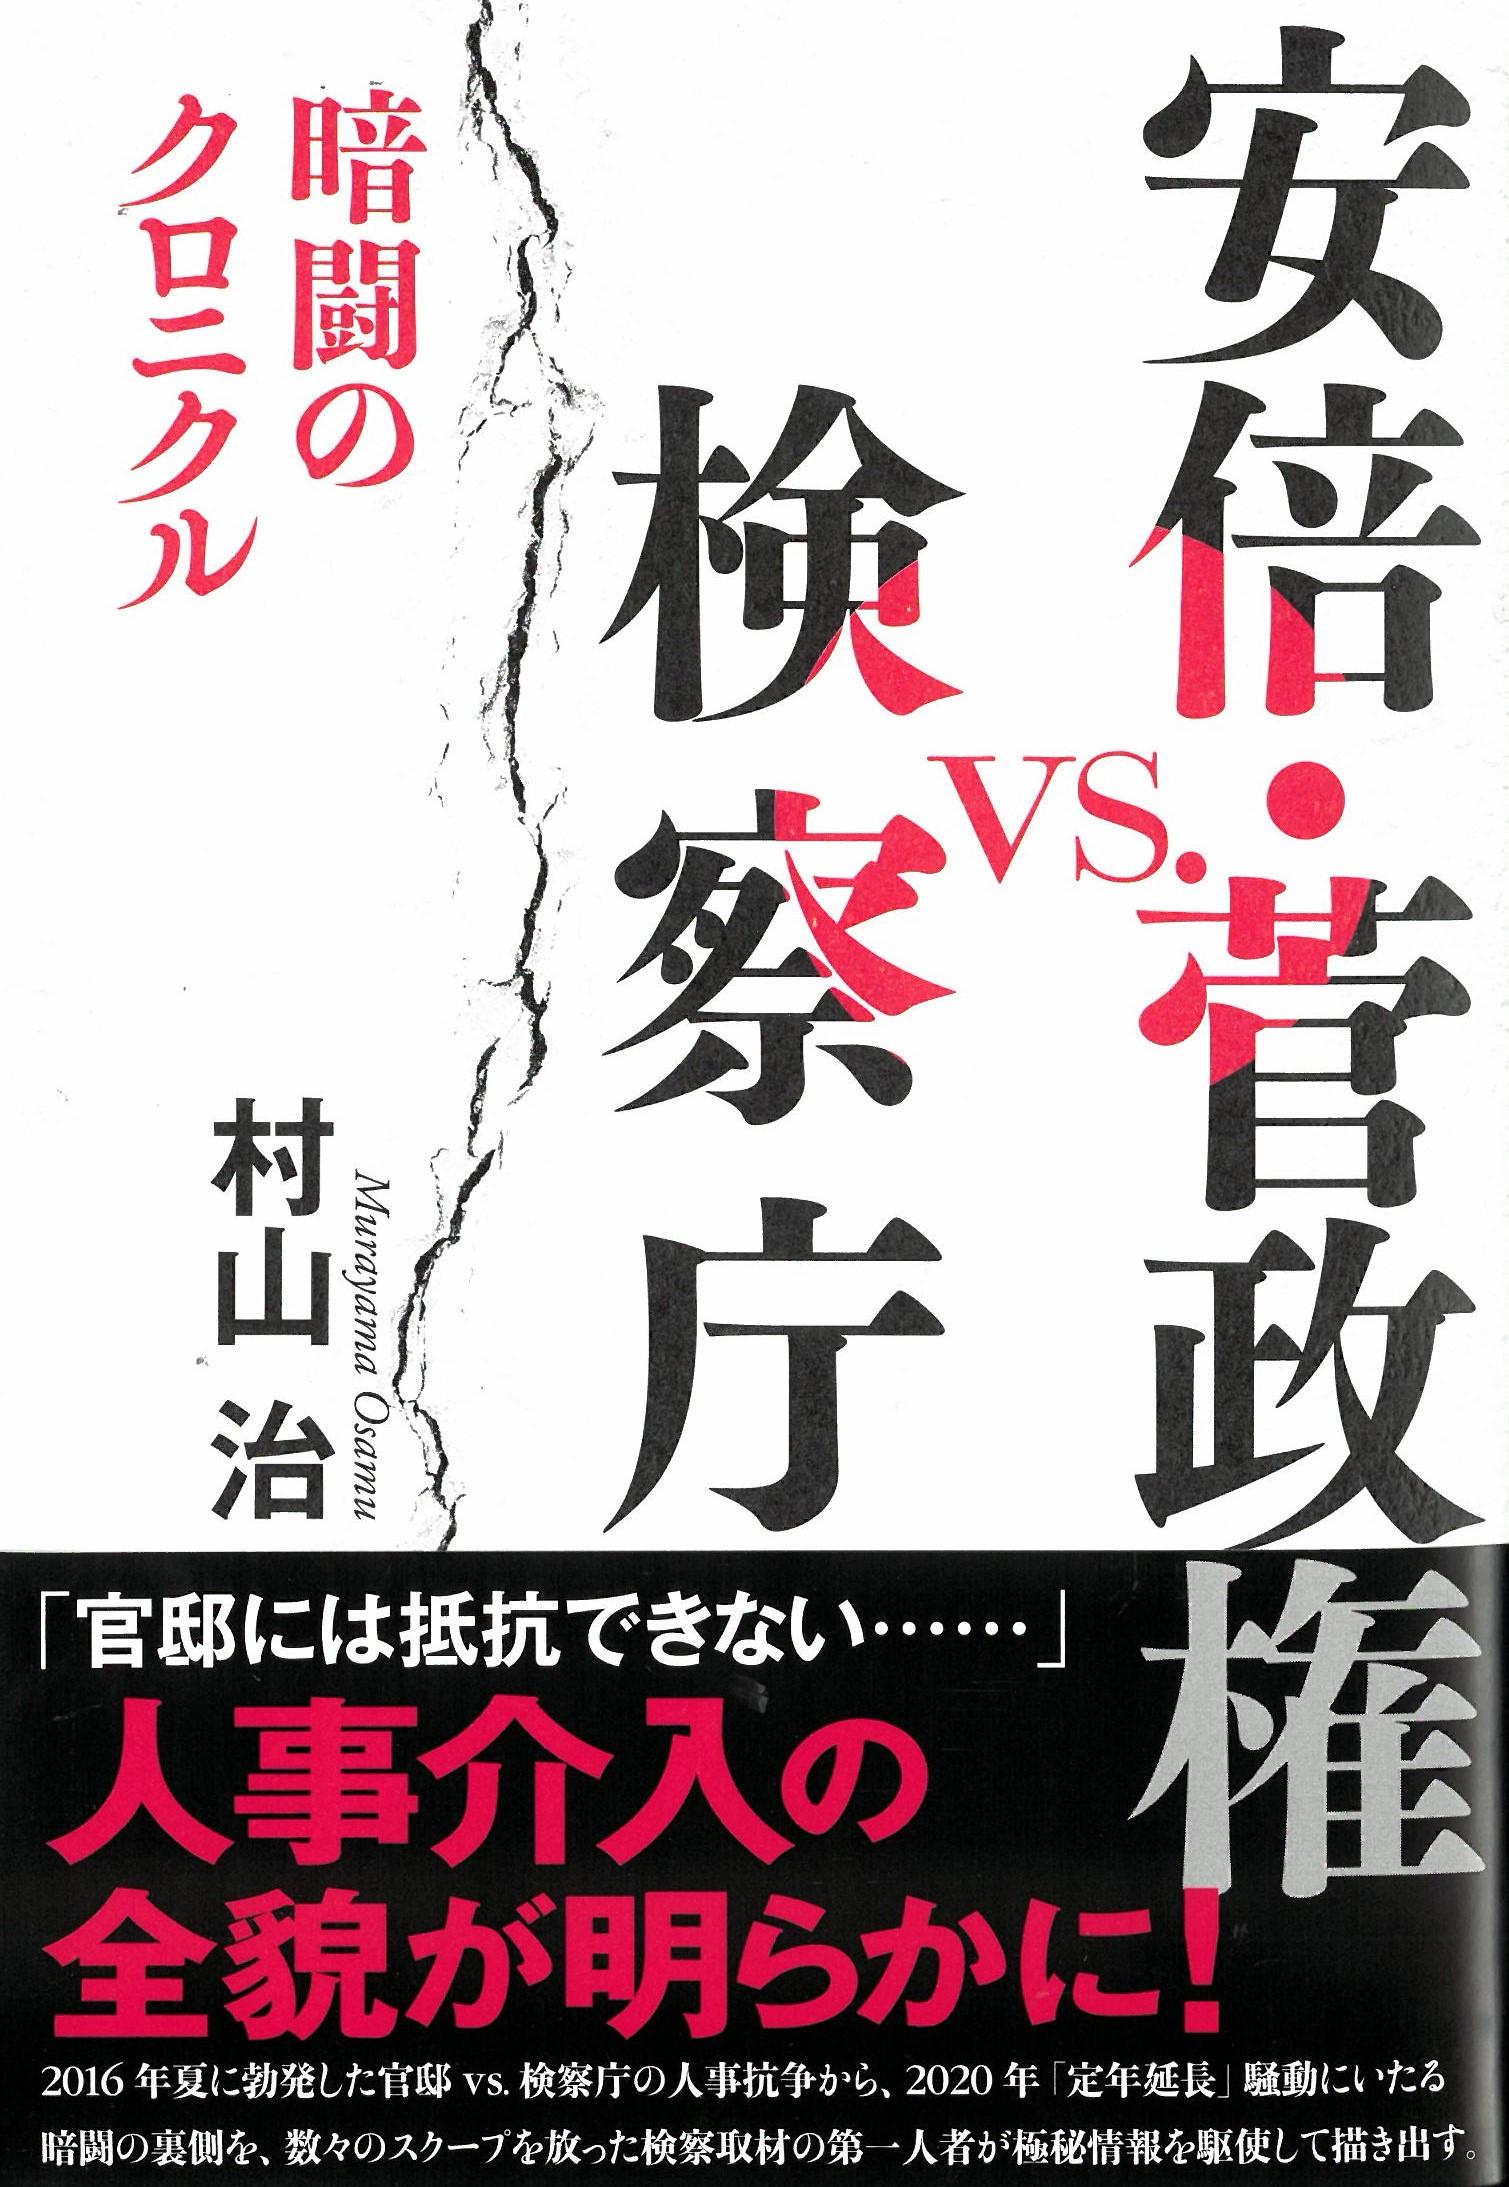 写真・図版 : 村山治さんの近著『安倍・菅政権 vs. 検察庁』の表紙